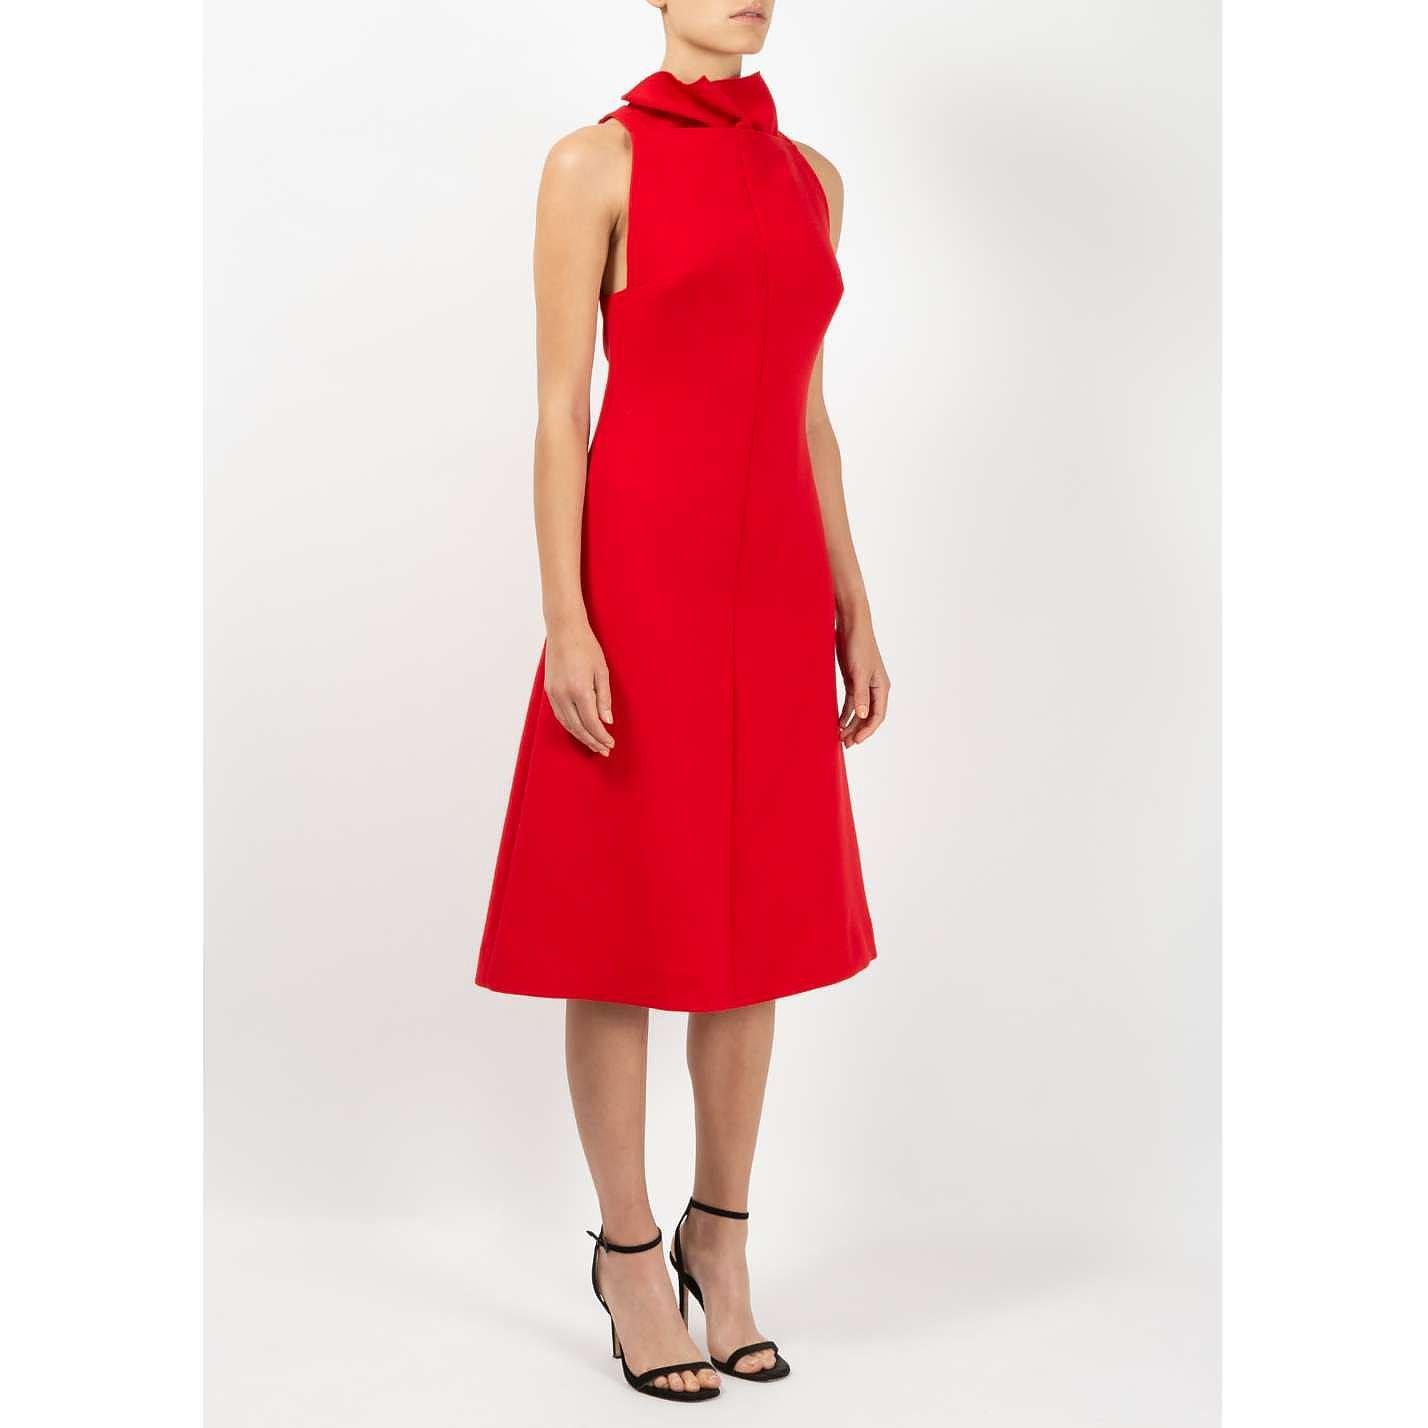 Victoria Beckham High Collar Dress